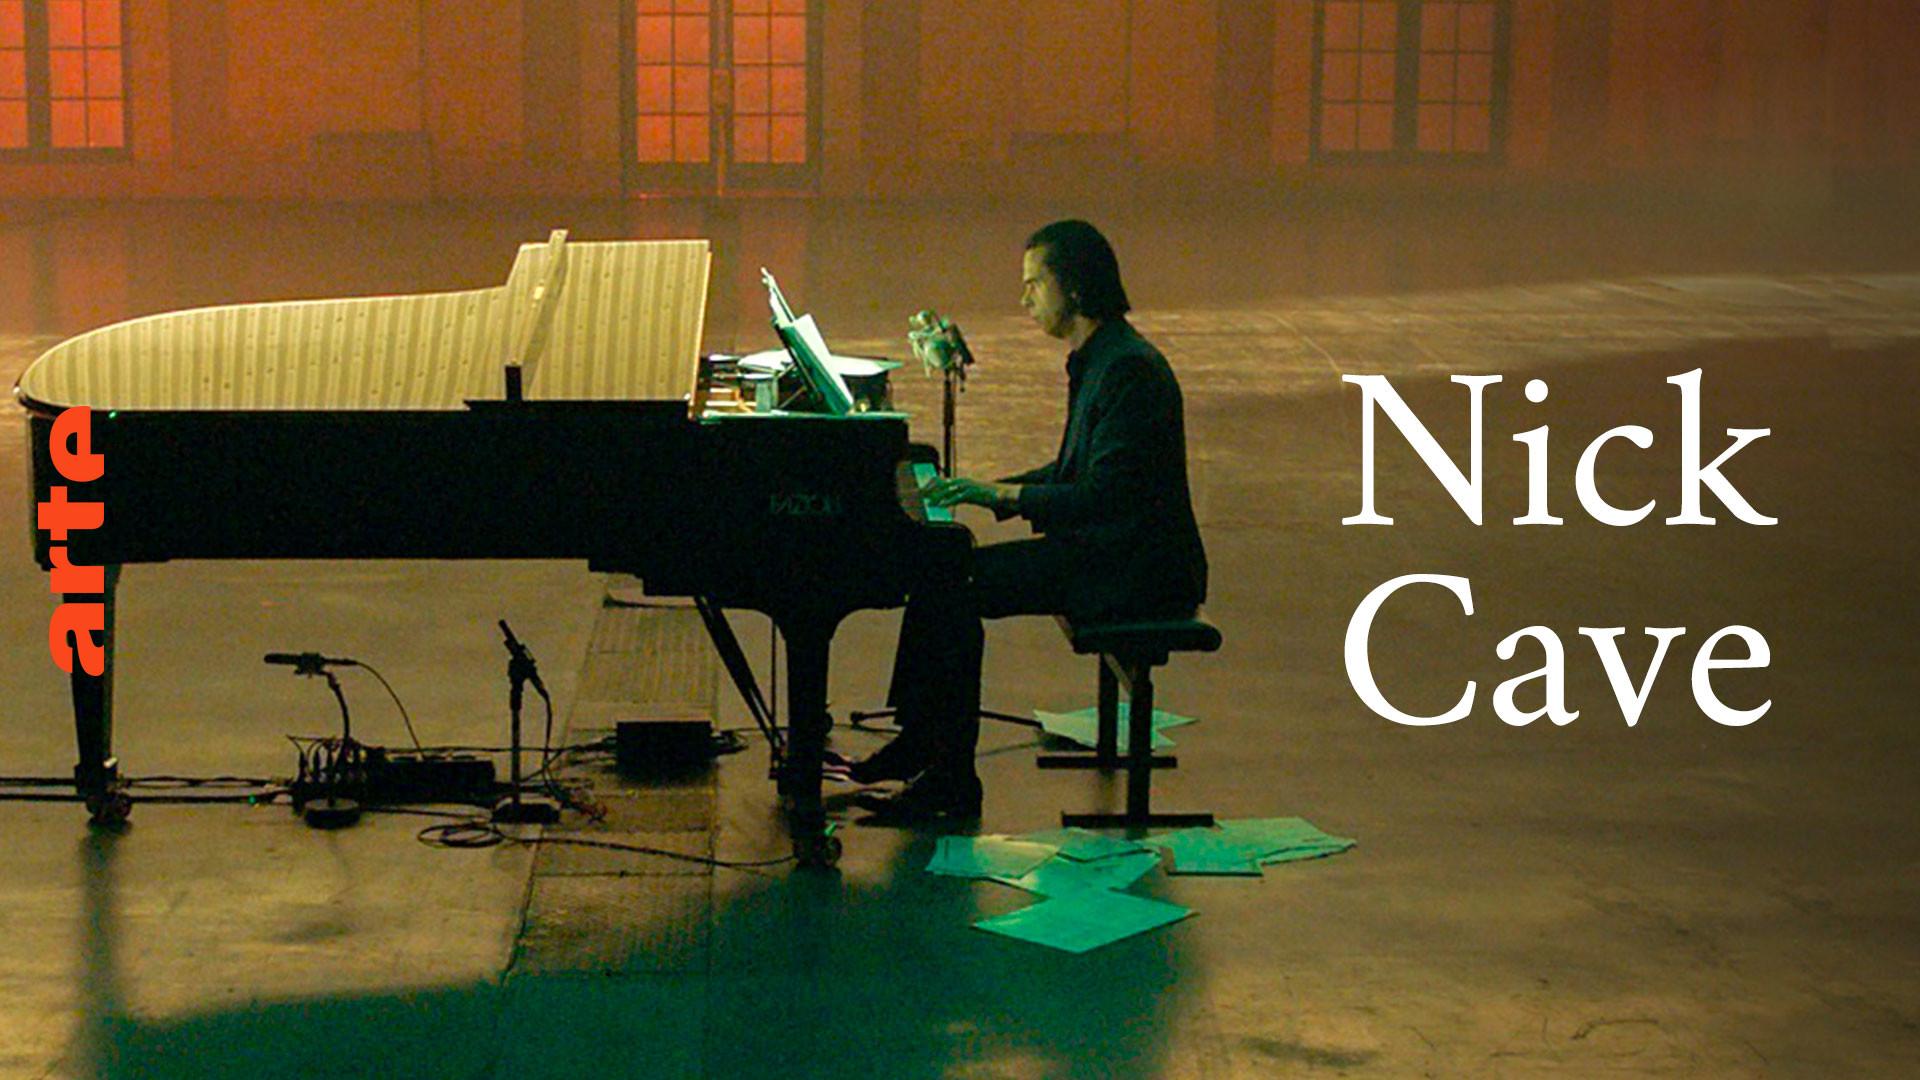 Nick Cave - The Idiot Prayer at Alexandra Palace